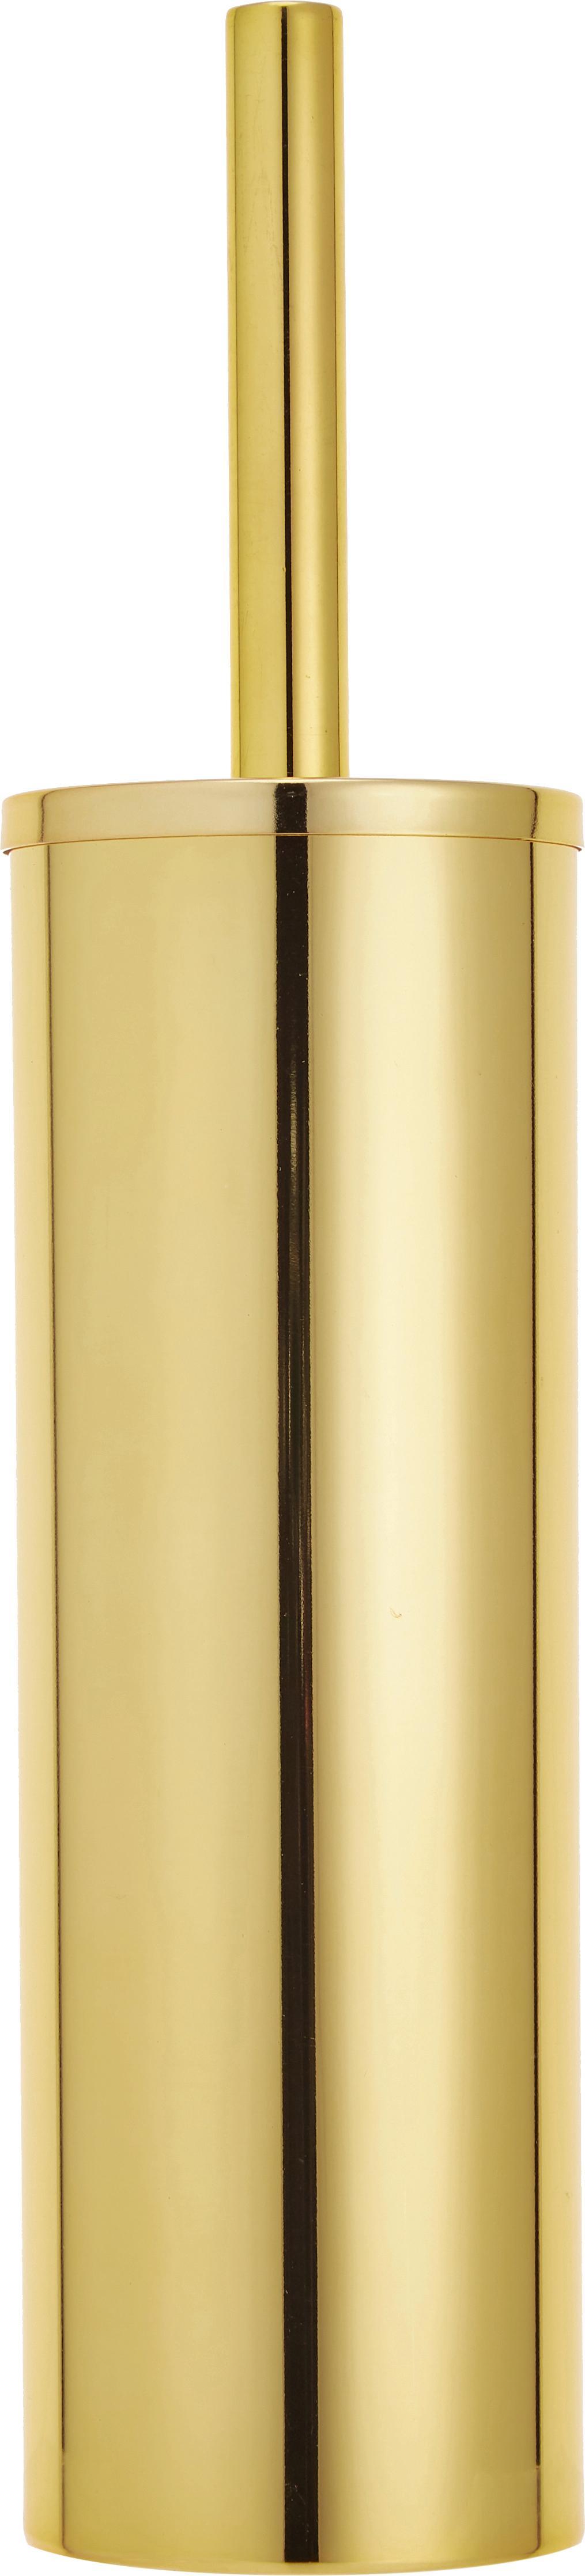 Scopino Classic, Metallo verniciato, Dorato, Ø 9 x A 40 cm